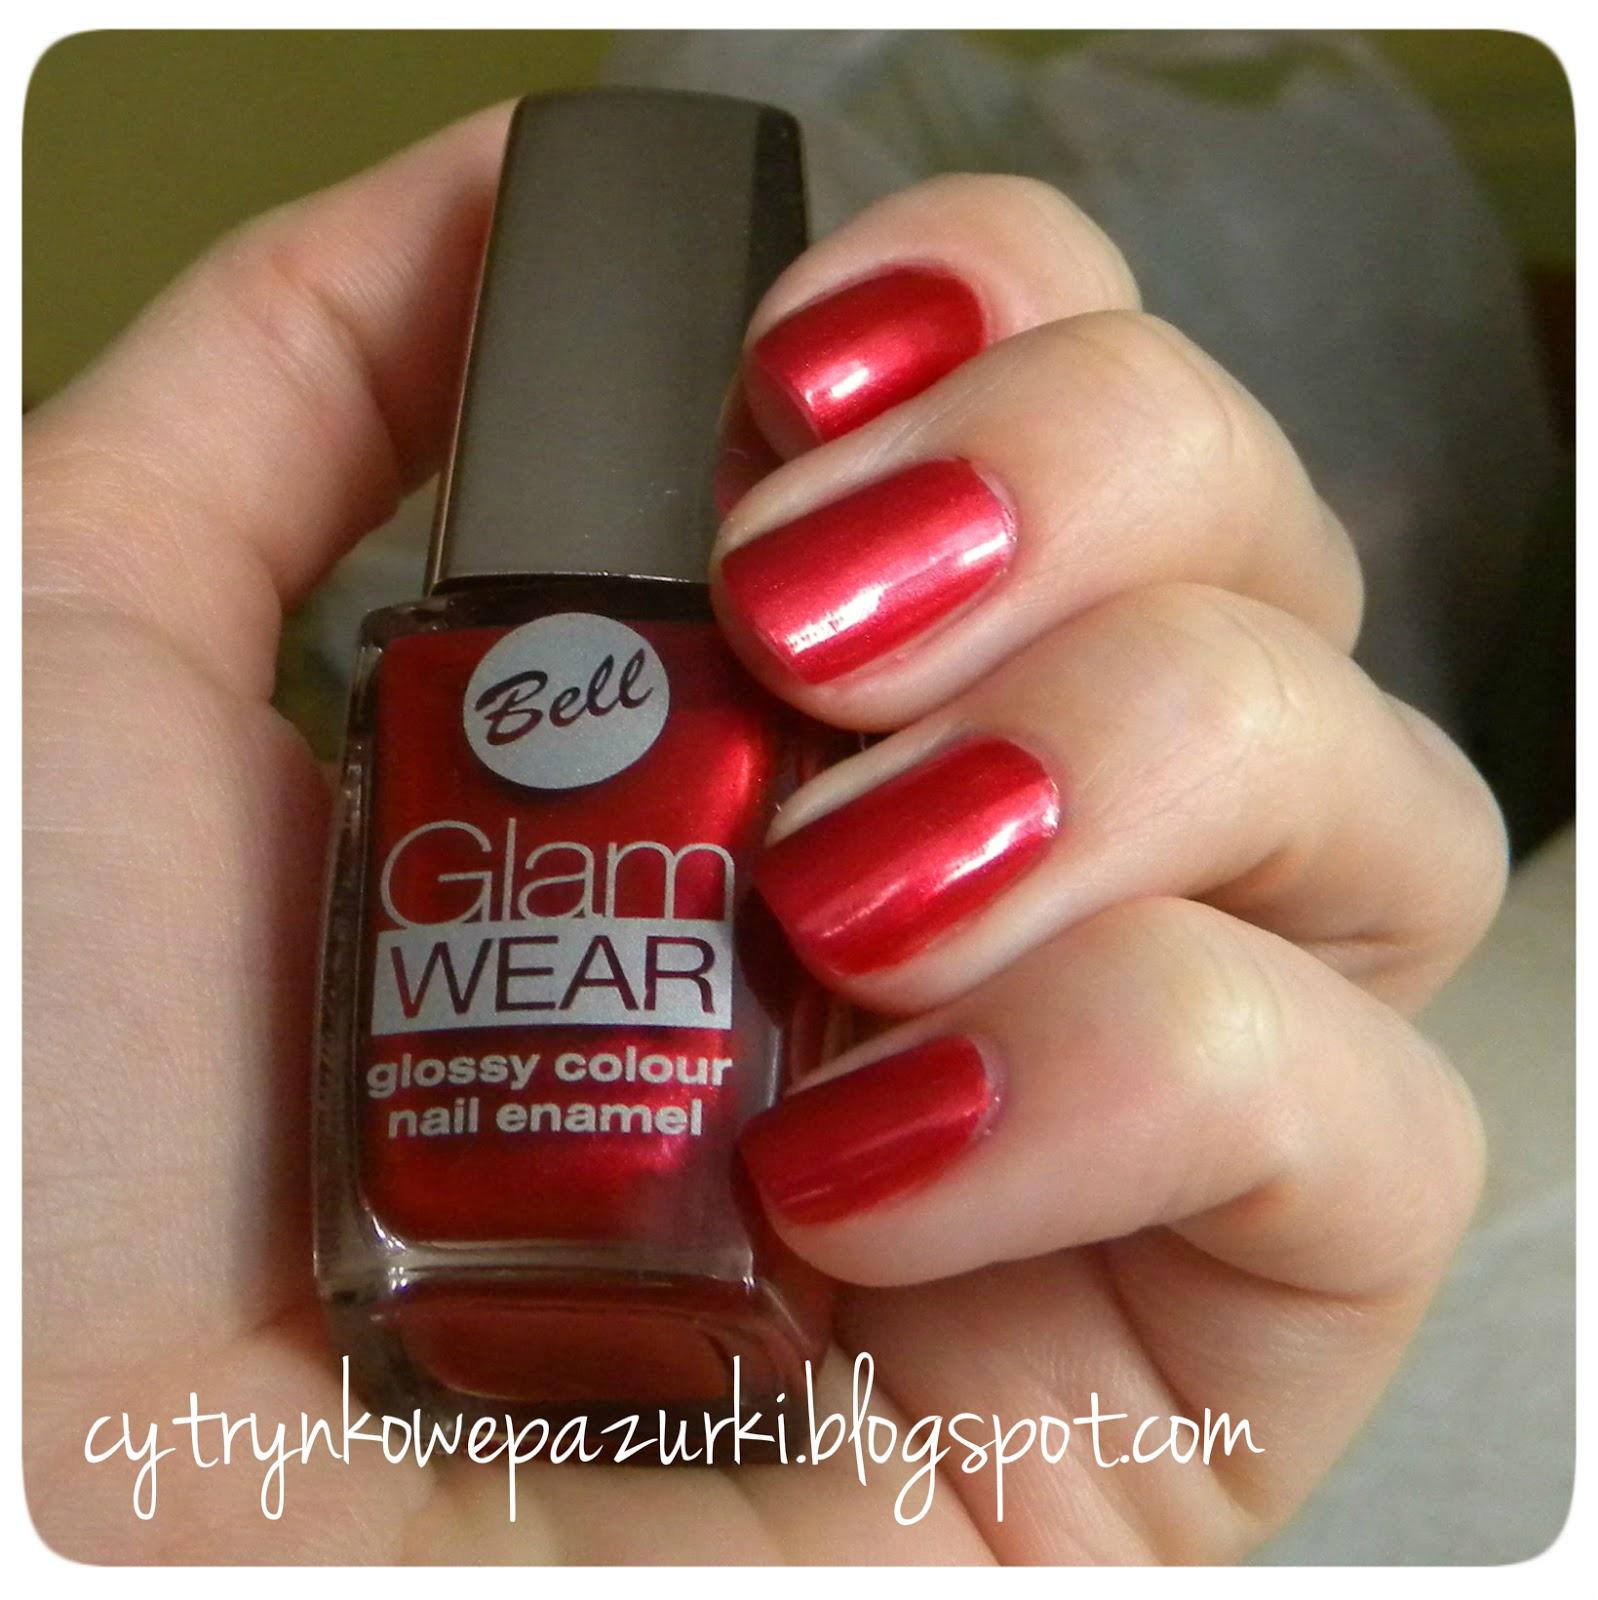 Bell Glam Wear 437